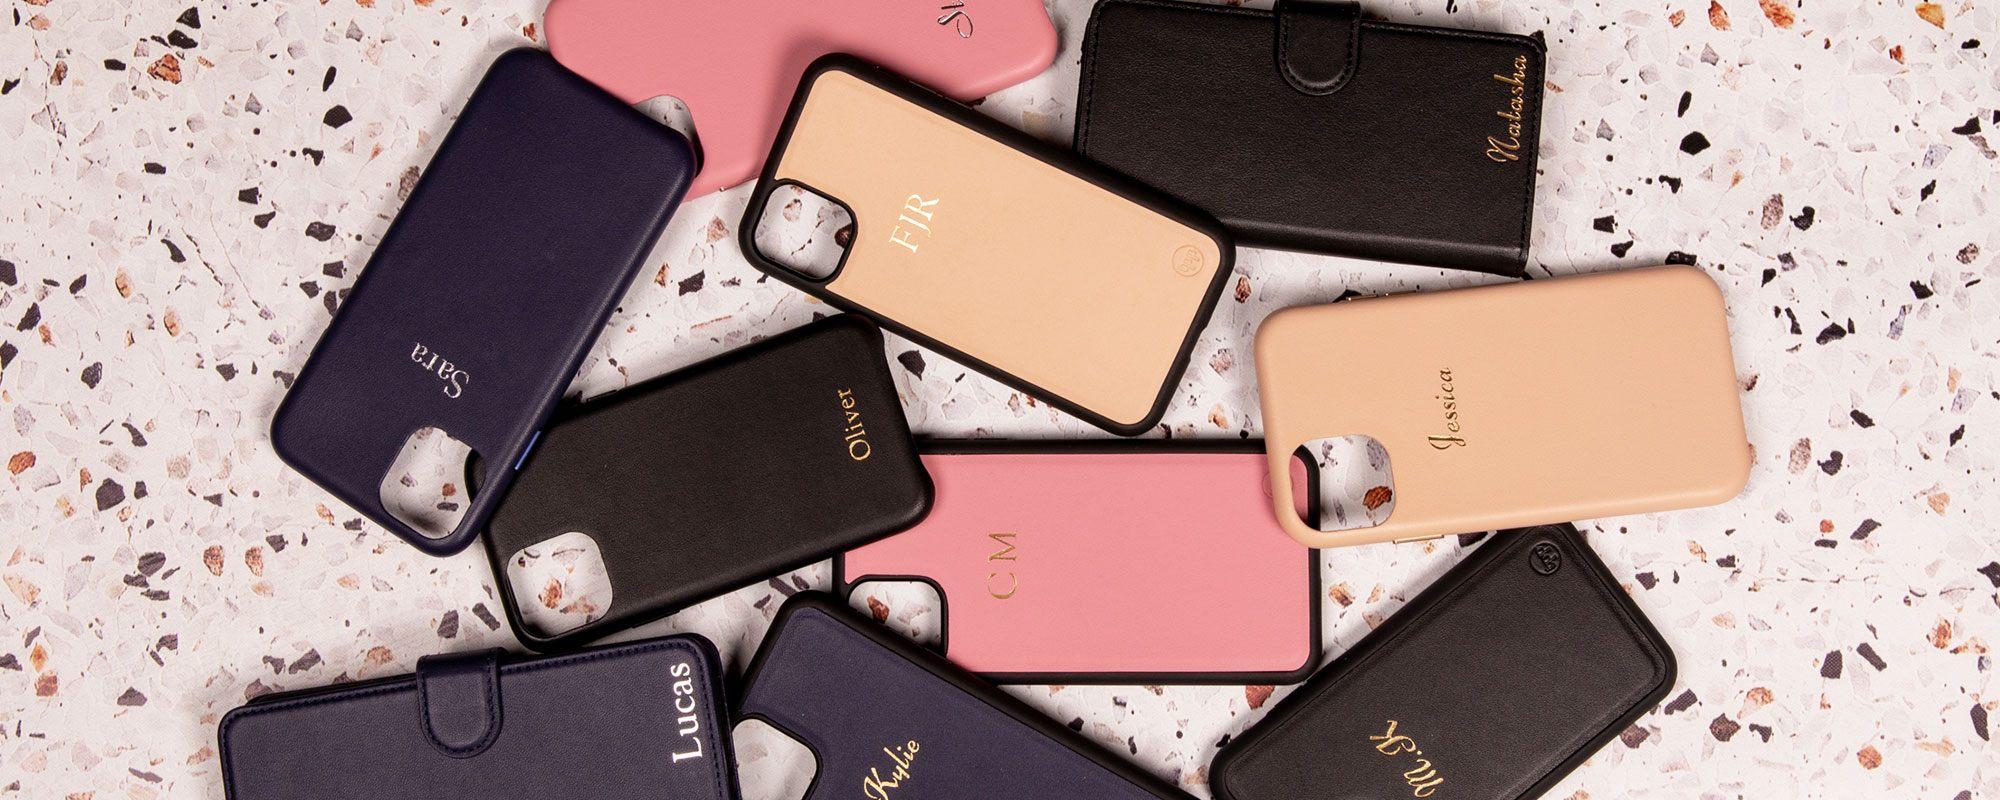 iPhone 11 Full Wrap Case – Black